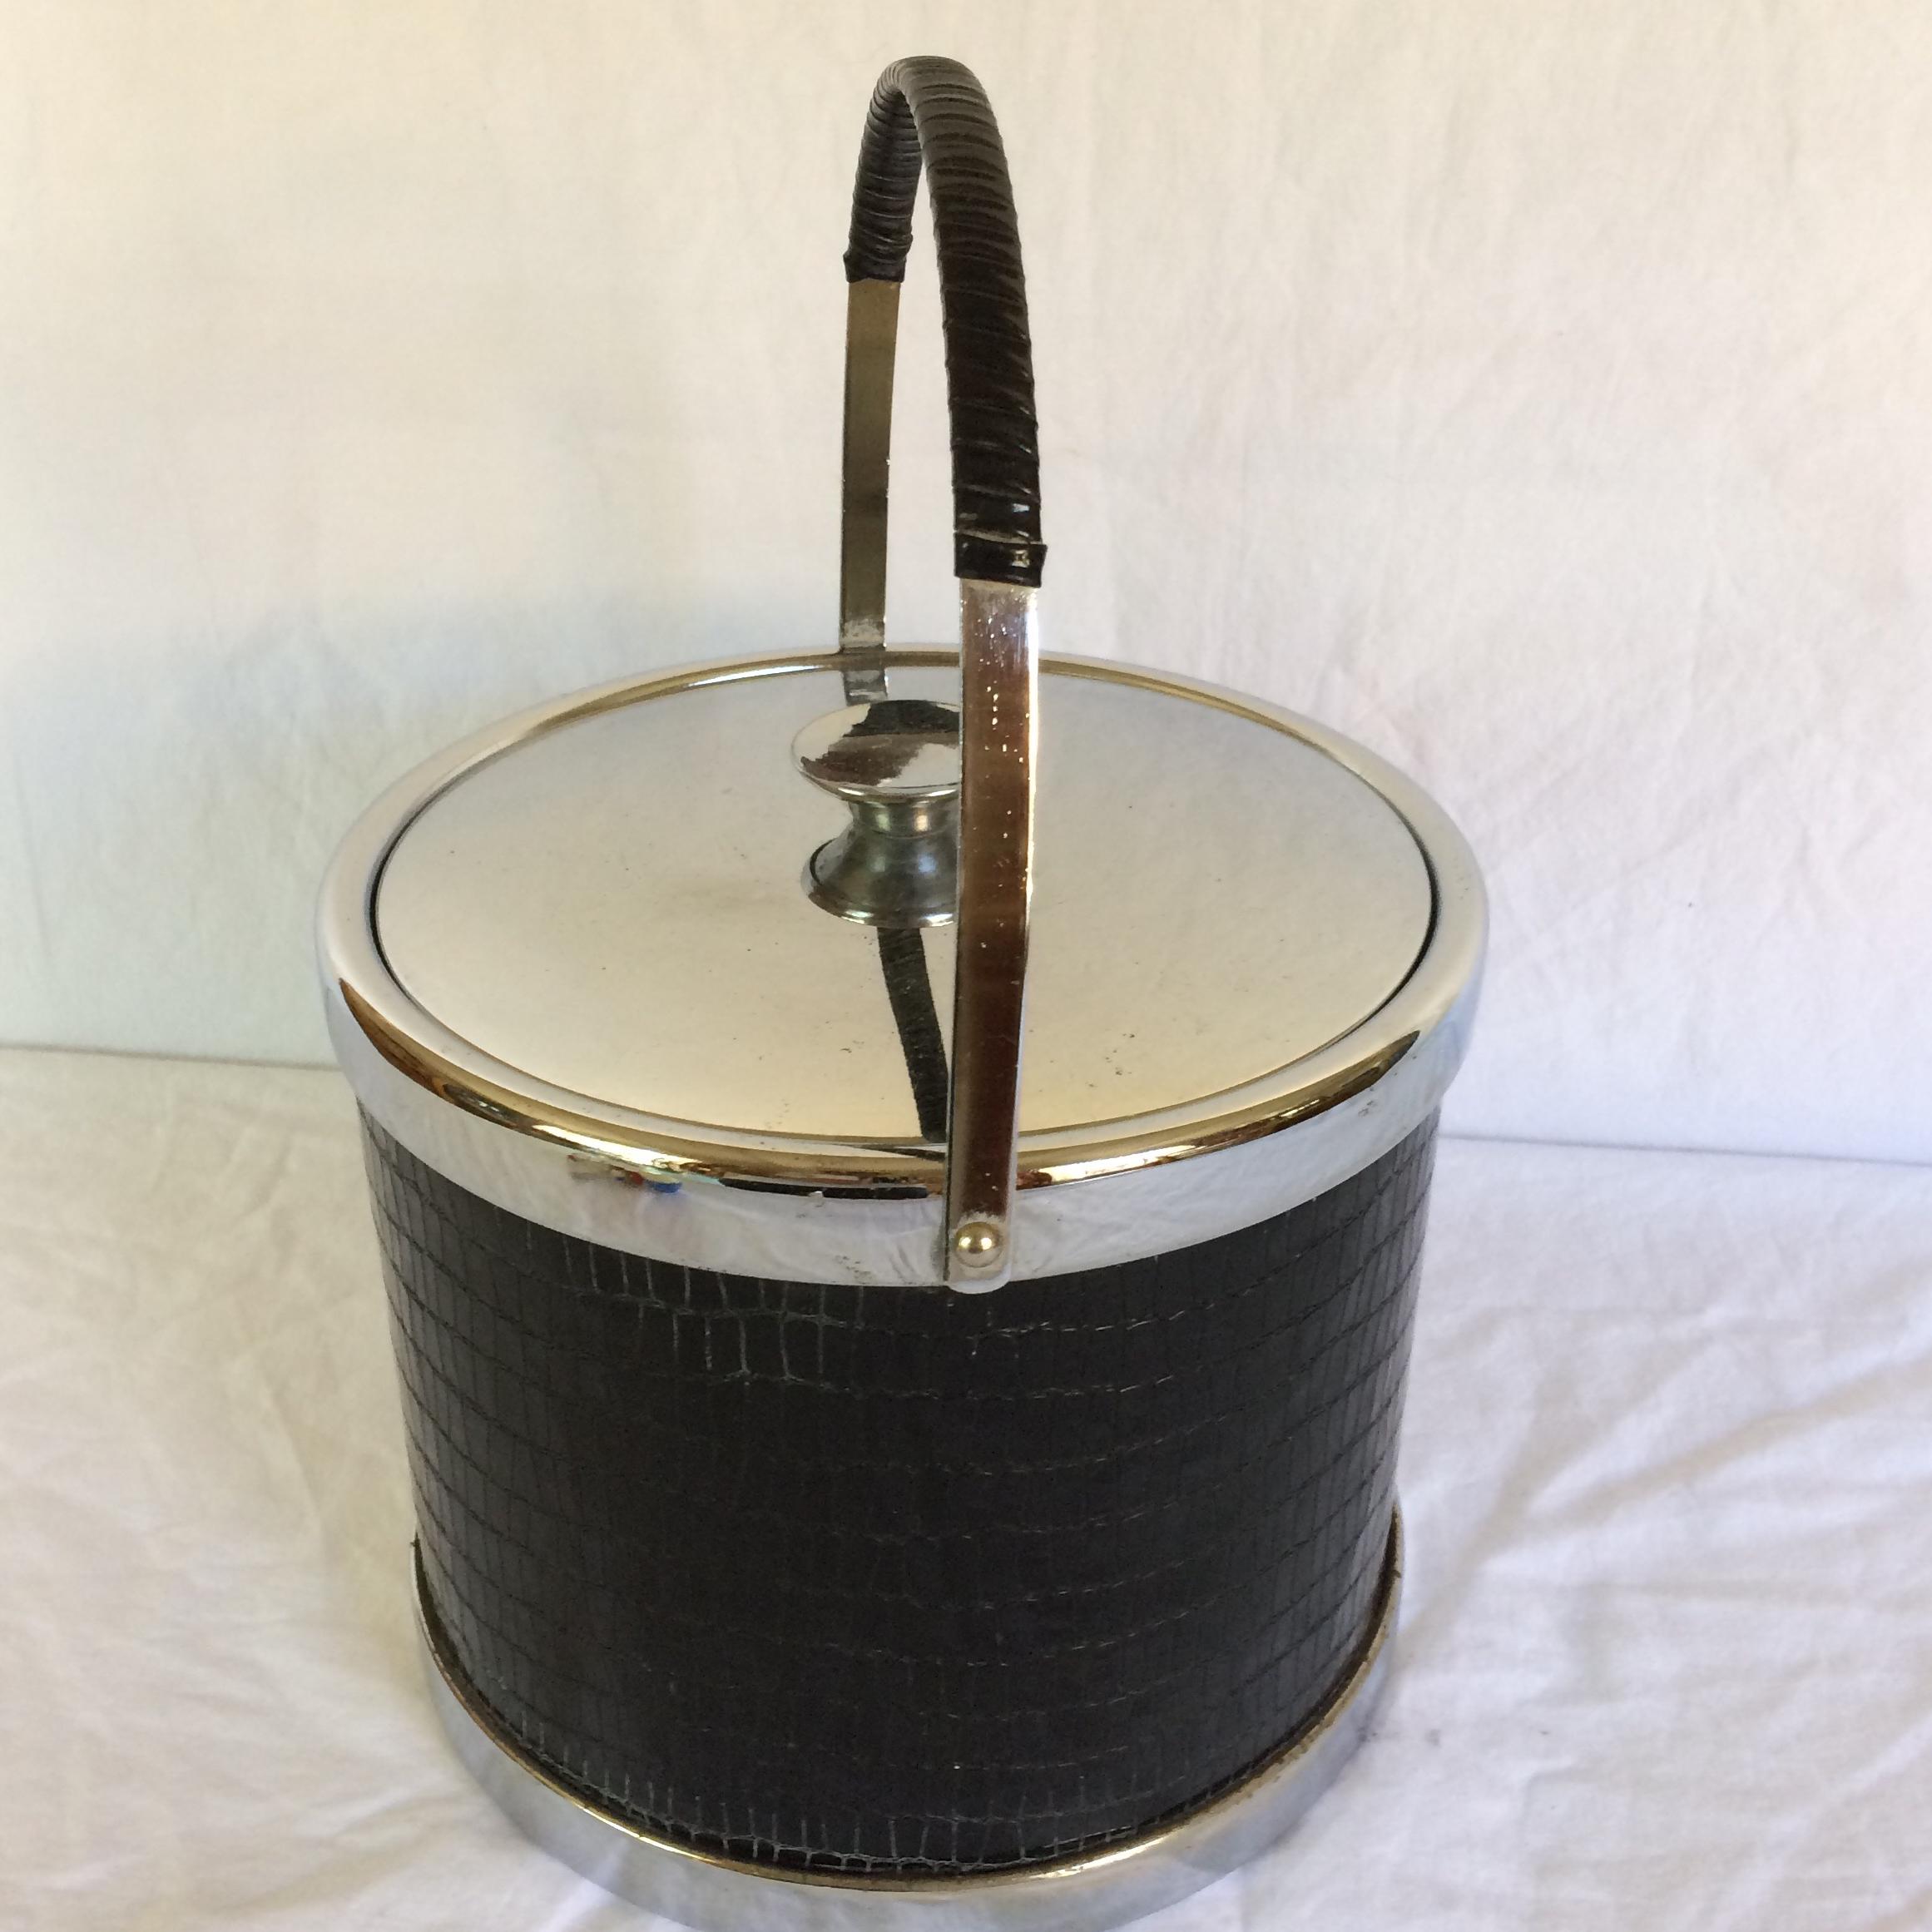 Amazing Mid Century Modern Black Leather U0026 Chrome Ice Bucket With Tongs   Image 3 Of